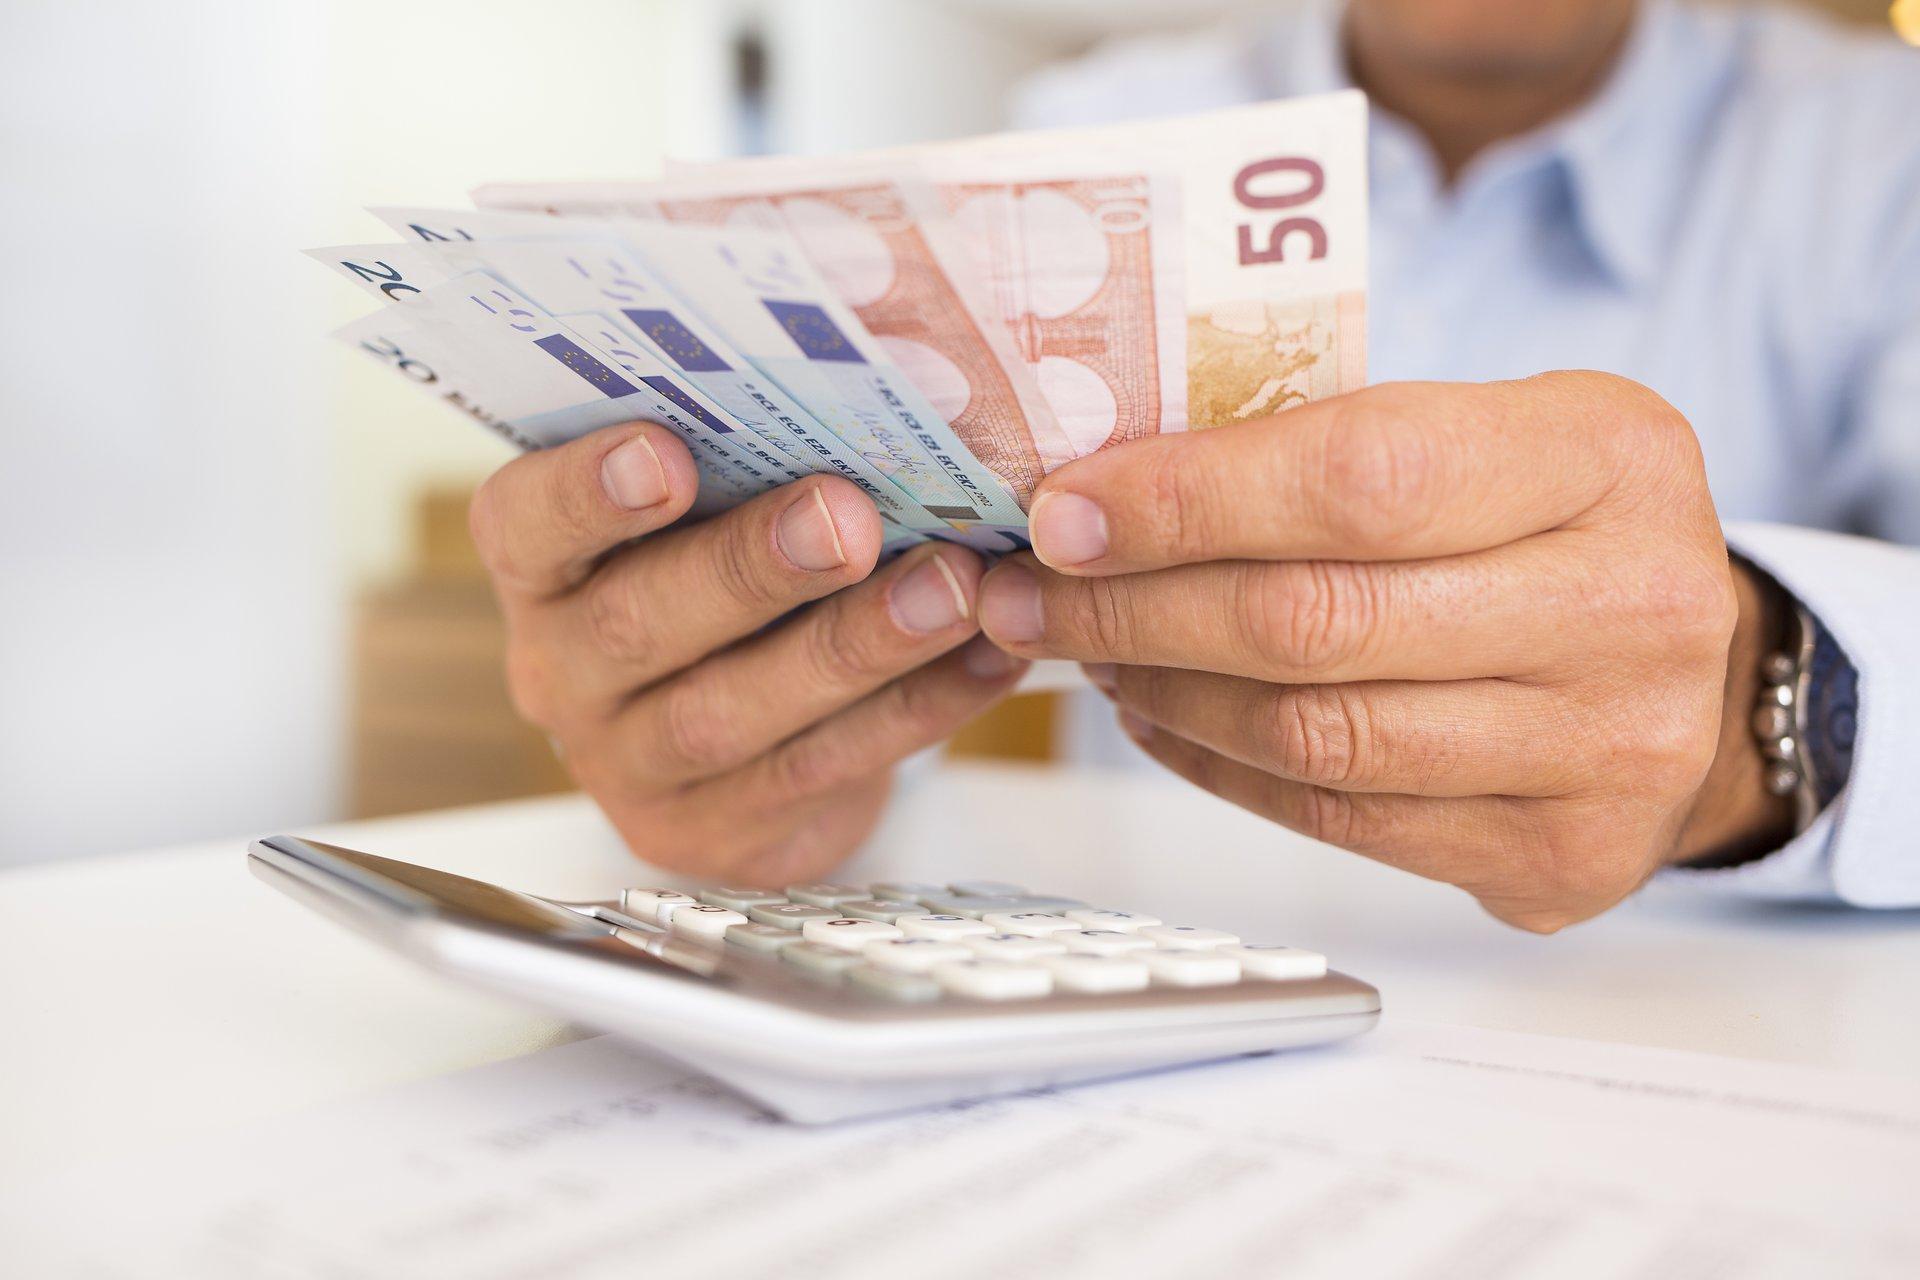 9 mobilo telefonu aplikācijas ar kurām var nopelnīt naudu   azboulings.lv